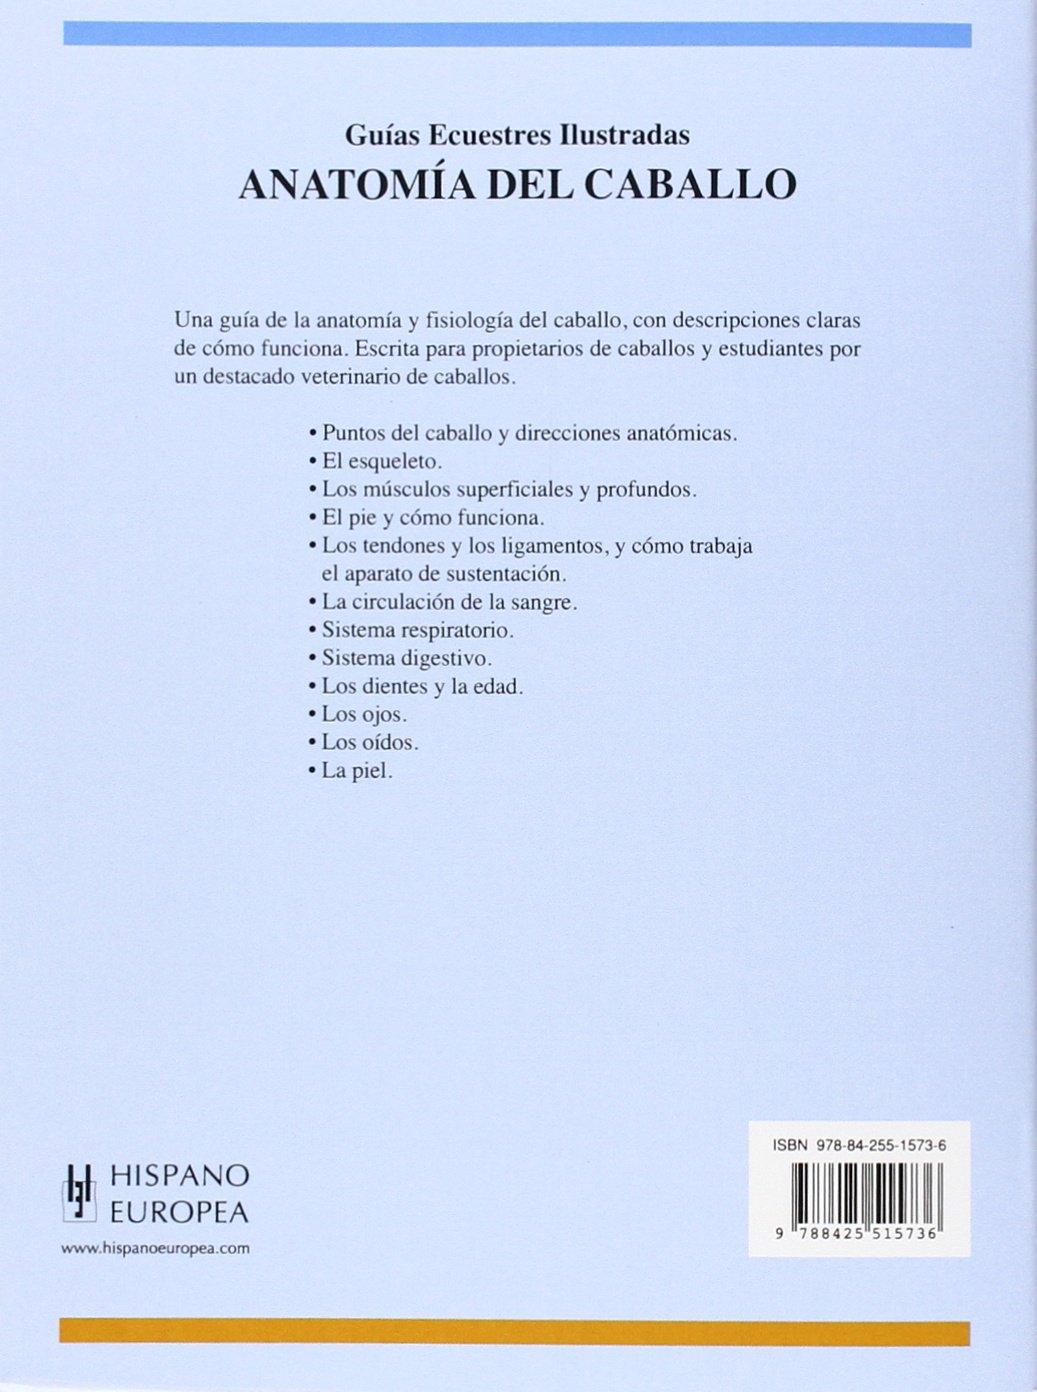 Anatomía del caballo (Guías ecuestres ilustradas): Amazon.es: Chris ...